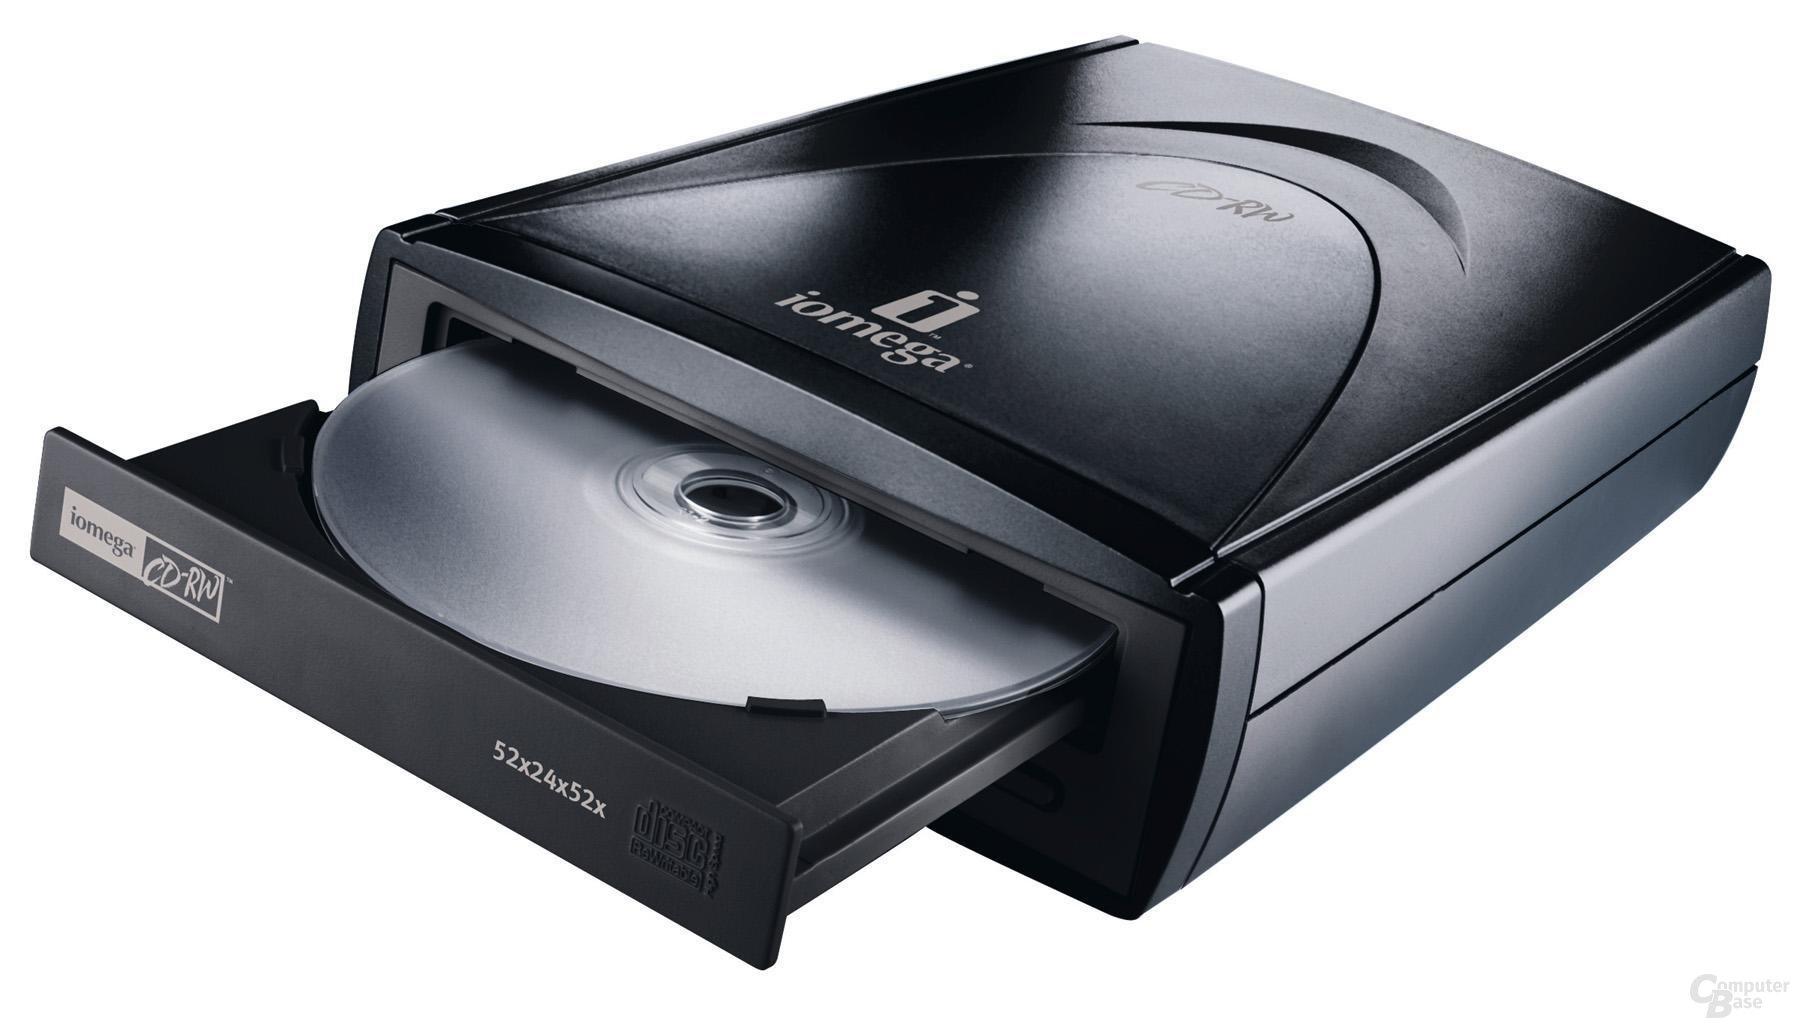 Iomega CD-RW 52x24x52 USB 2.0